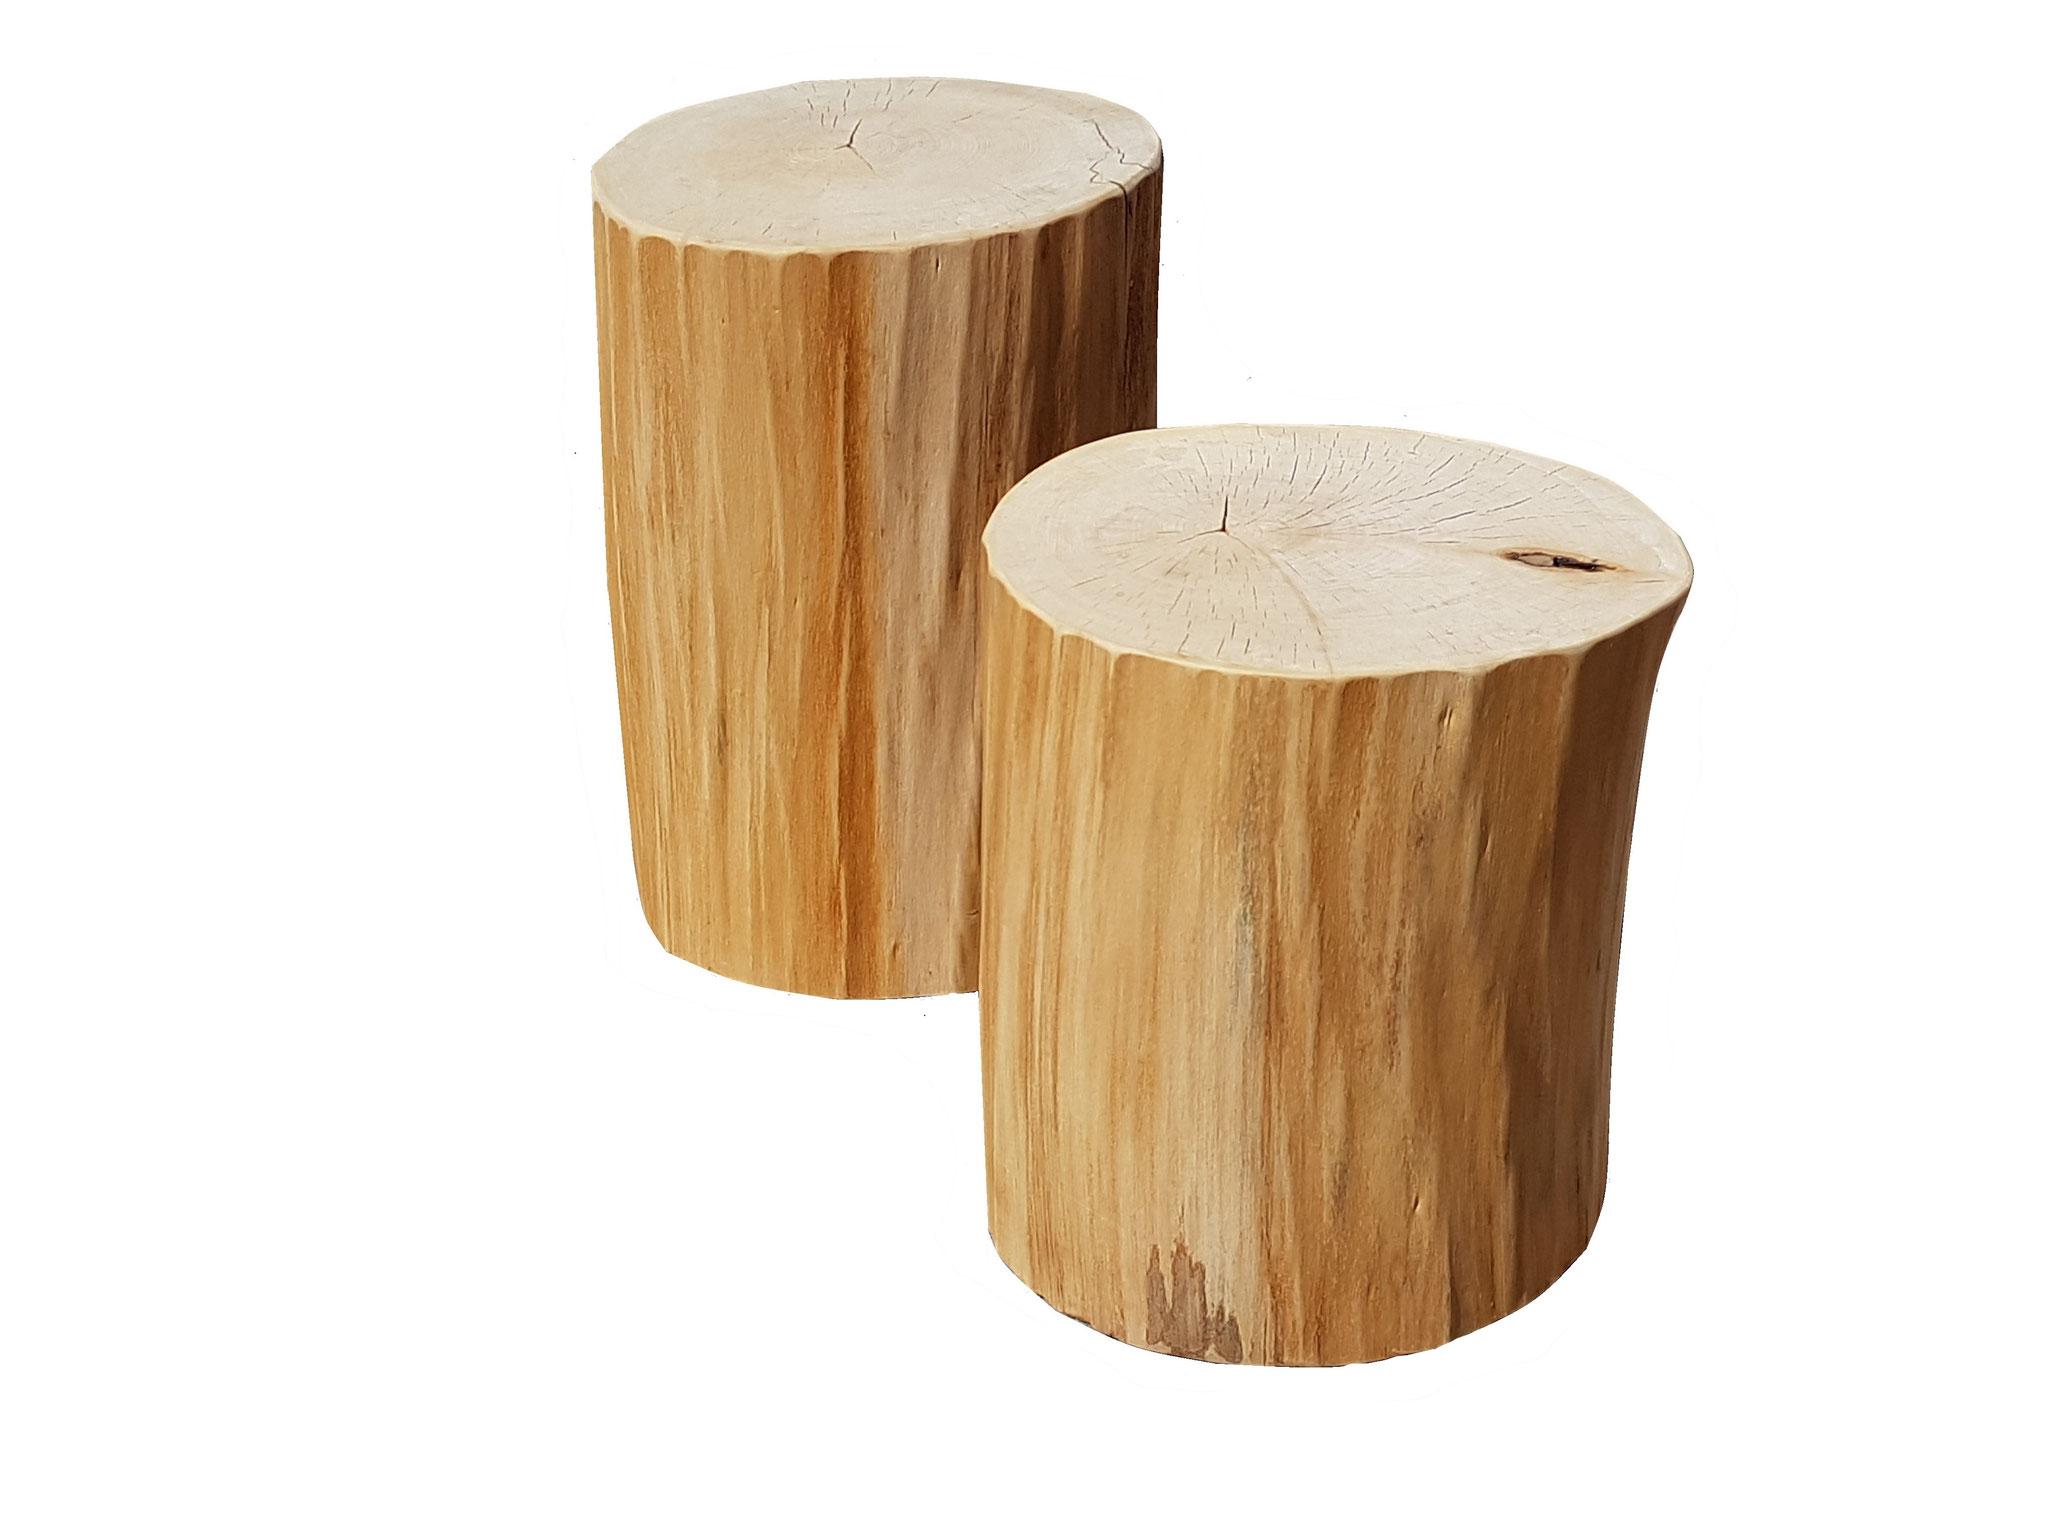 Holzstehlen, Hocker aus Baumstämmen